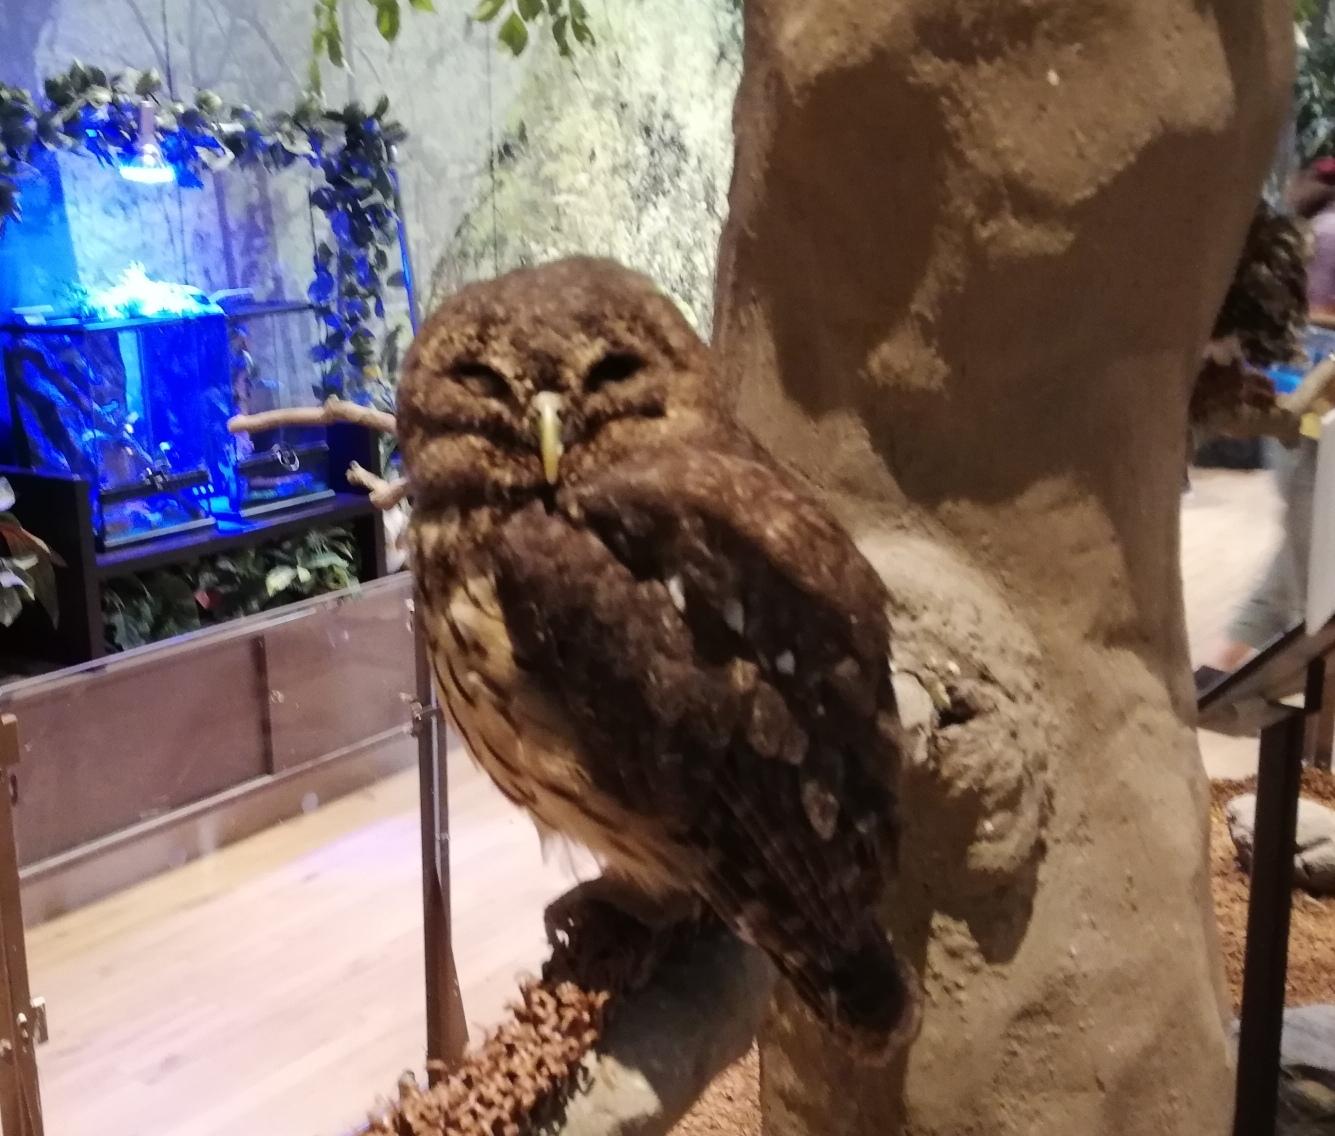 珍しい動物達がたくさん!見てふれあって、楽しみどころいっぱいのオービィ横浜 体験レポ